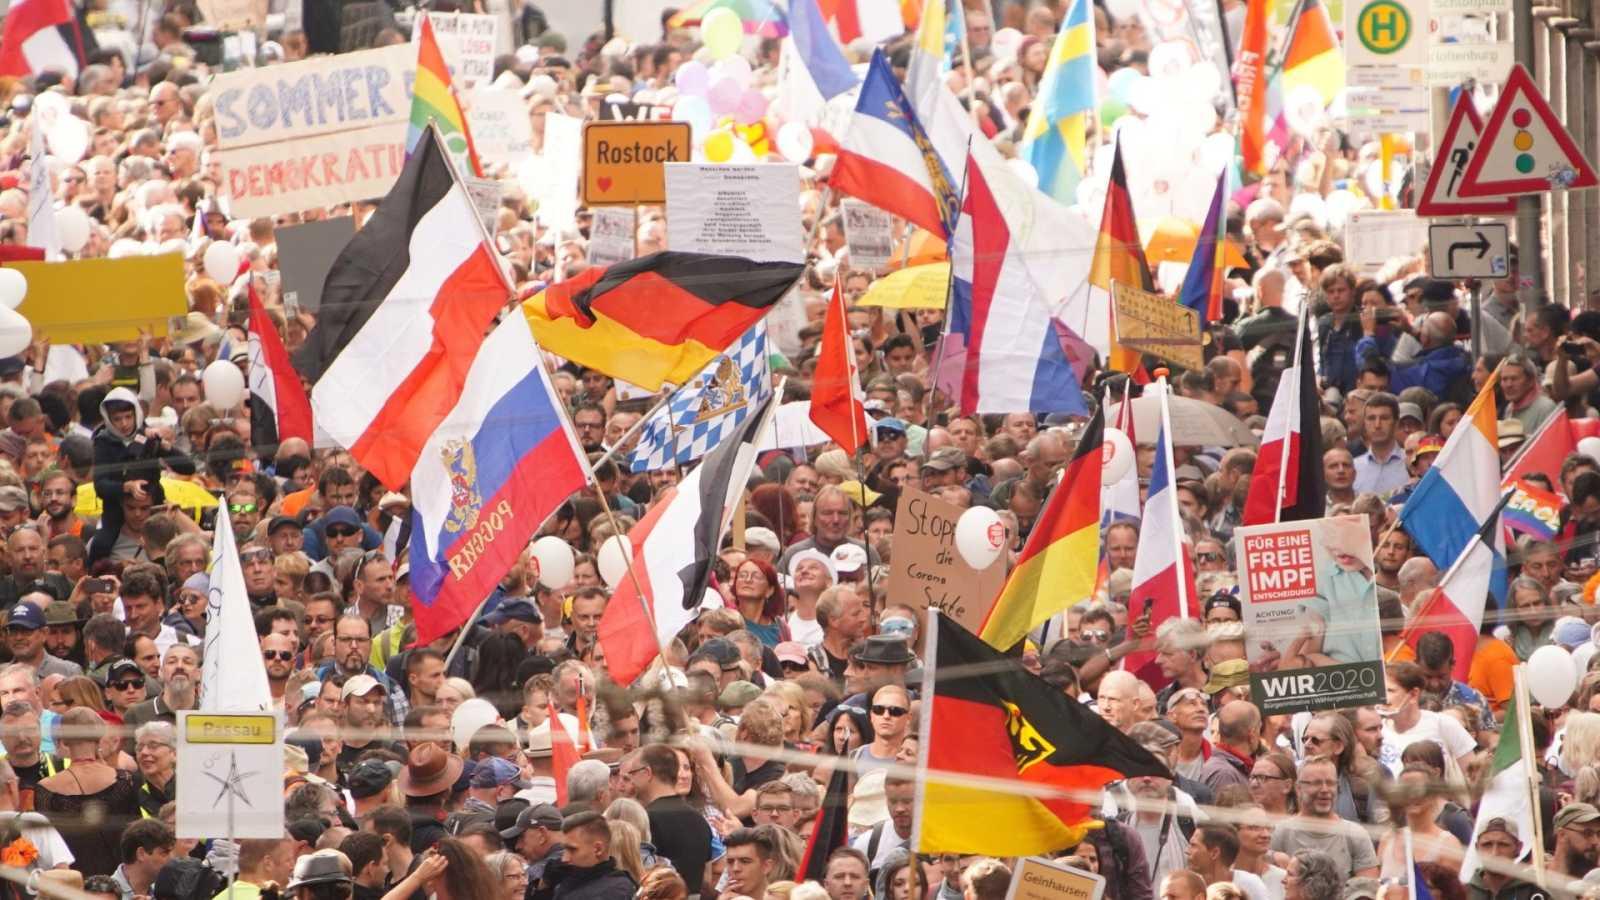 La Policía dispersa en Berlín una marcha negacionista sin mascarillas ni distancia social